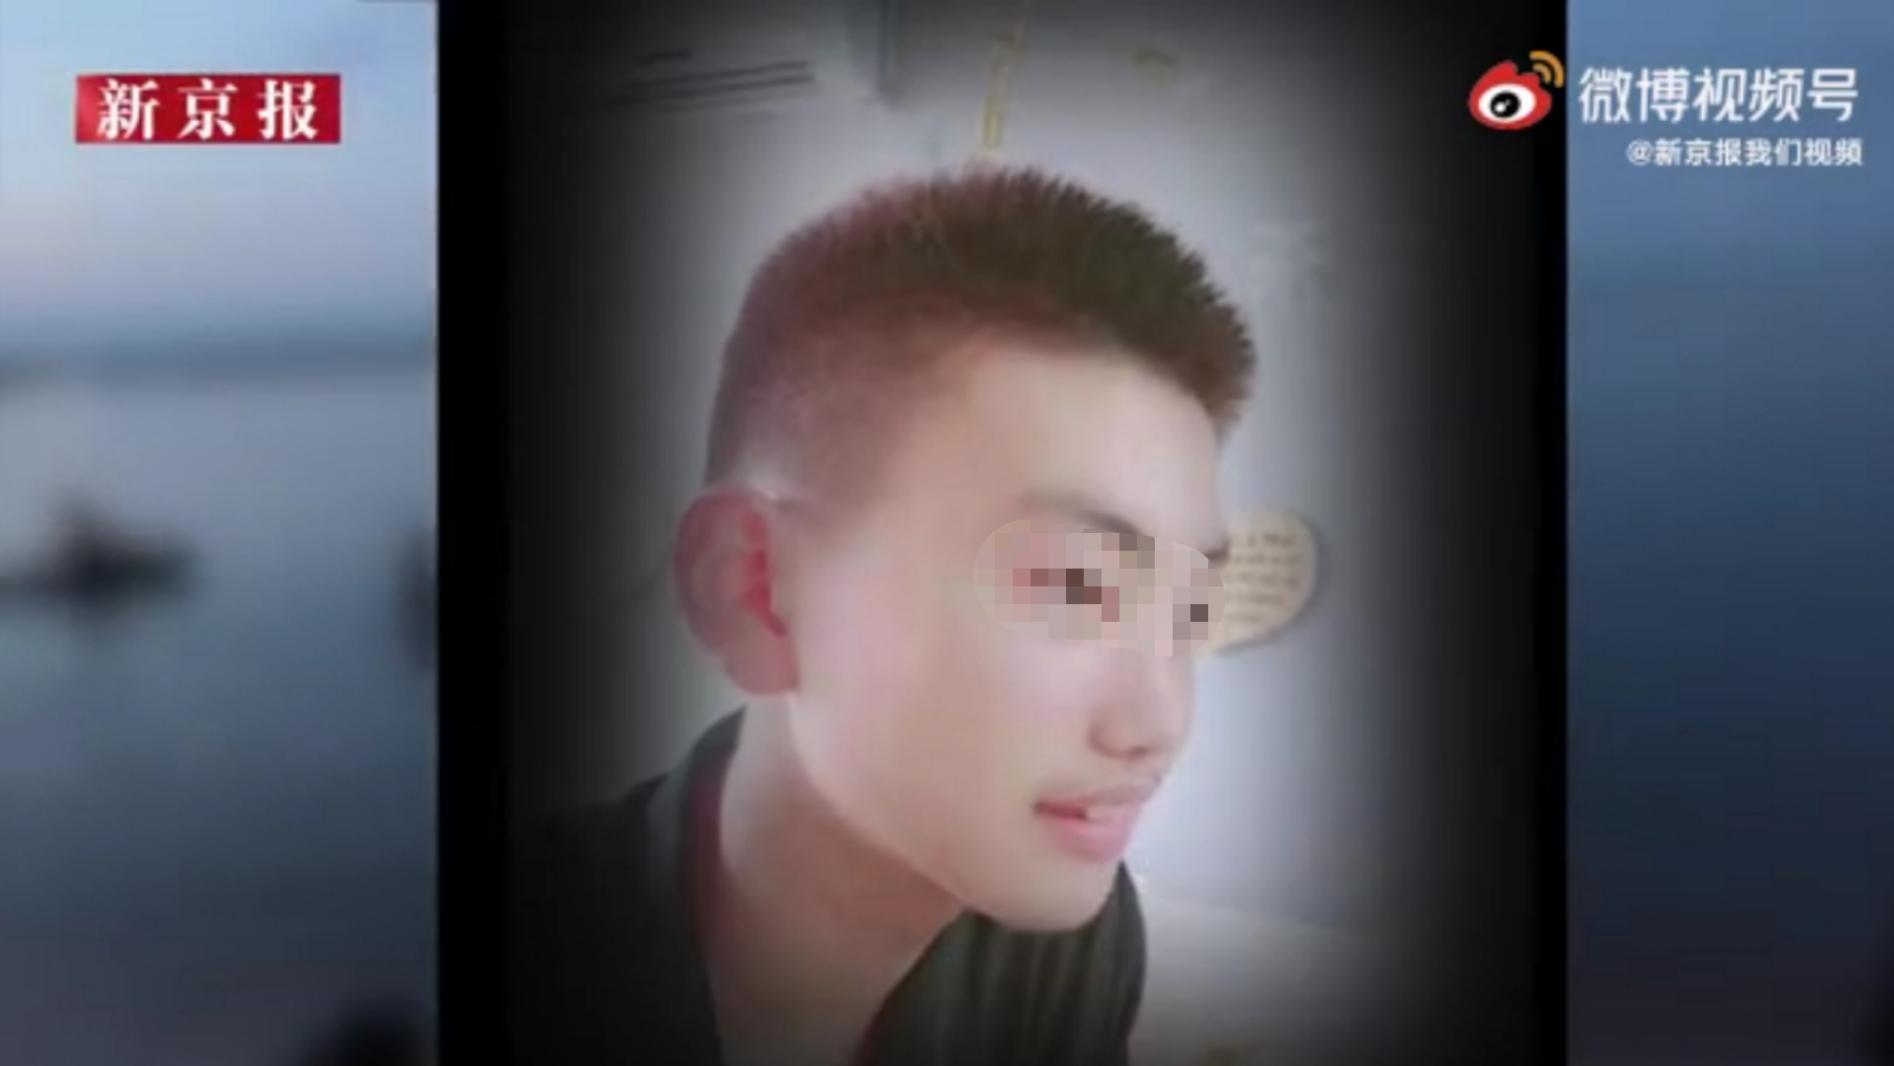 17岁男孩救溺水者遇难 被救女孩:跪下道歉不是因为网络暴力